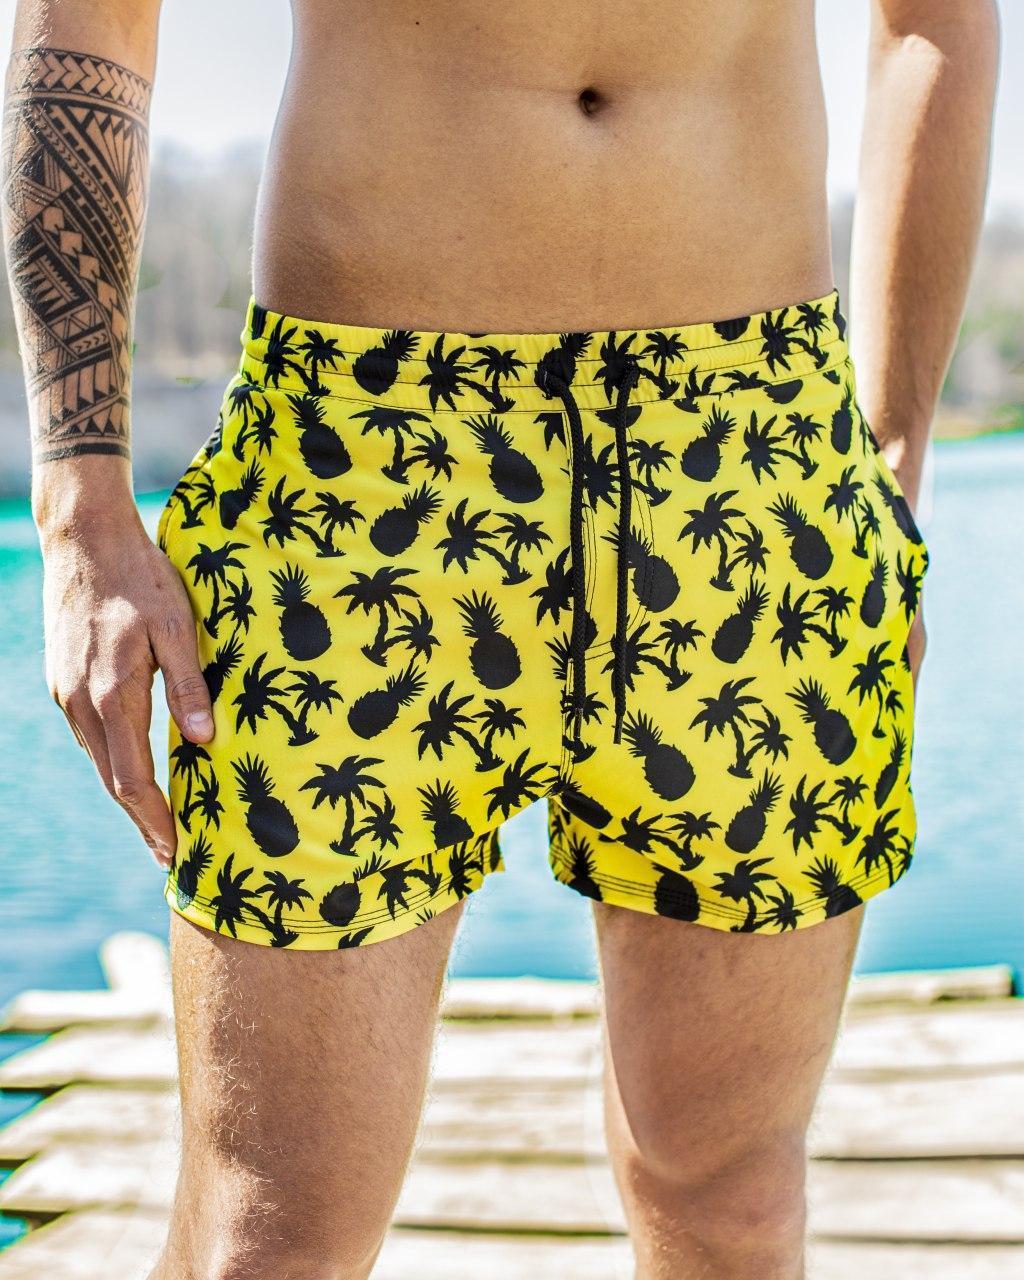 Шорти чоловічі купальні swimming shorts Pool day Ananas жовті